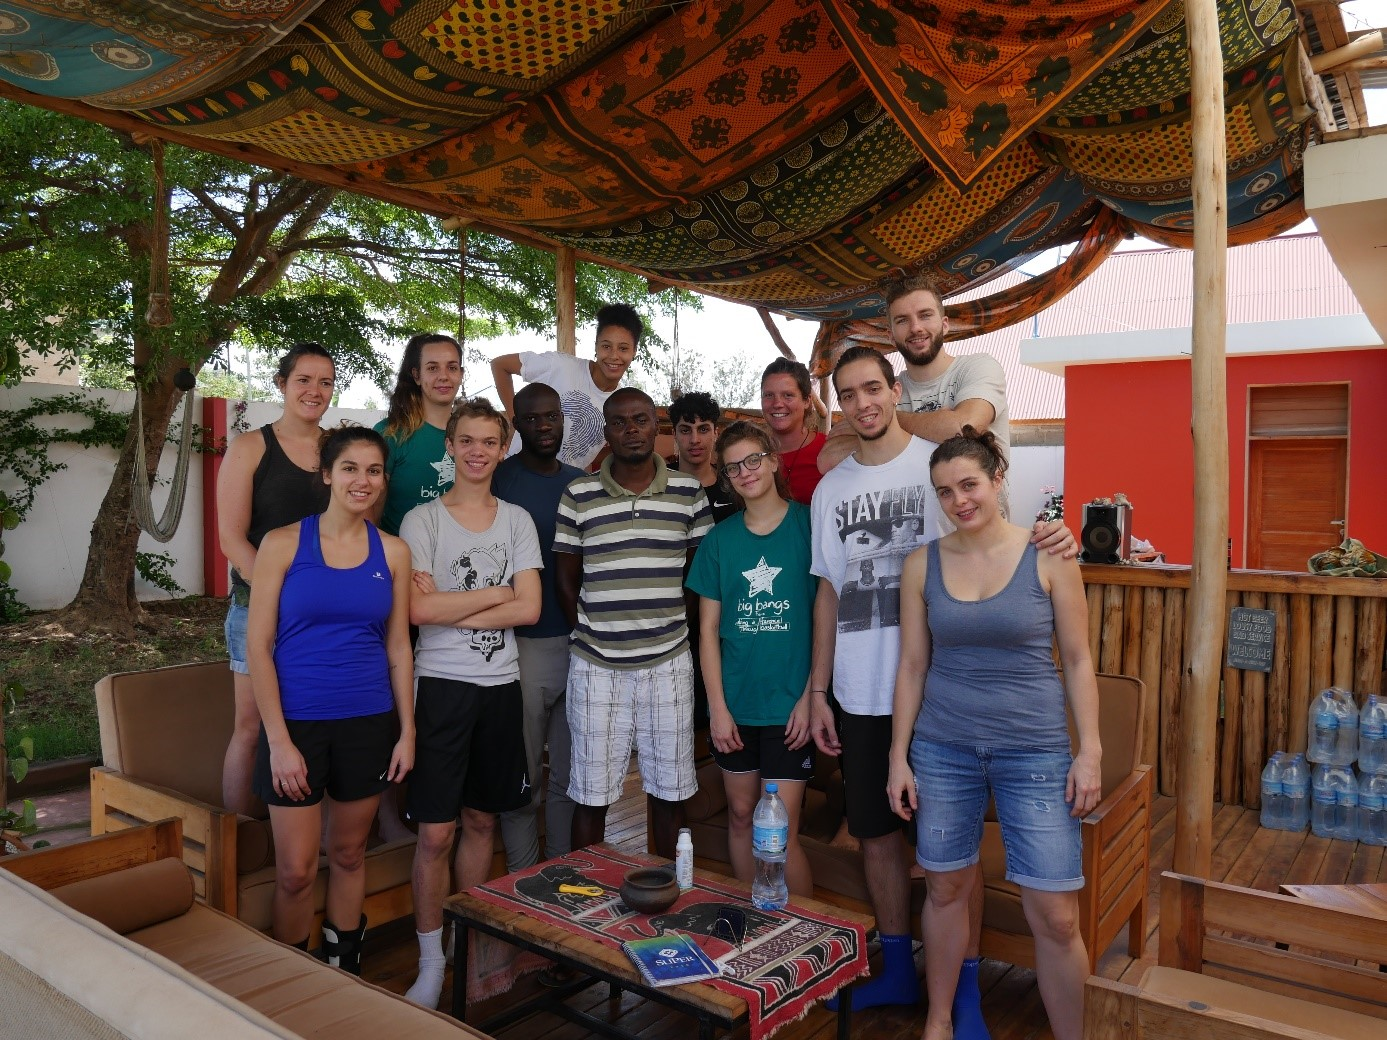 Chaque année, les Big Bang Ballers, organise un séjour solidaire à l'étranger. Le dernier voyage a permis à onzes jeunes, de 18 à 25 ans, de se rendre en Tanzanie. (c) BBB France